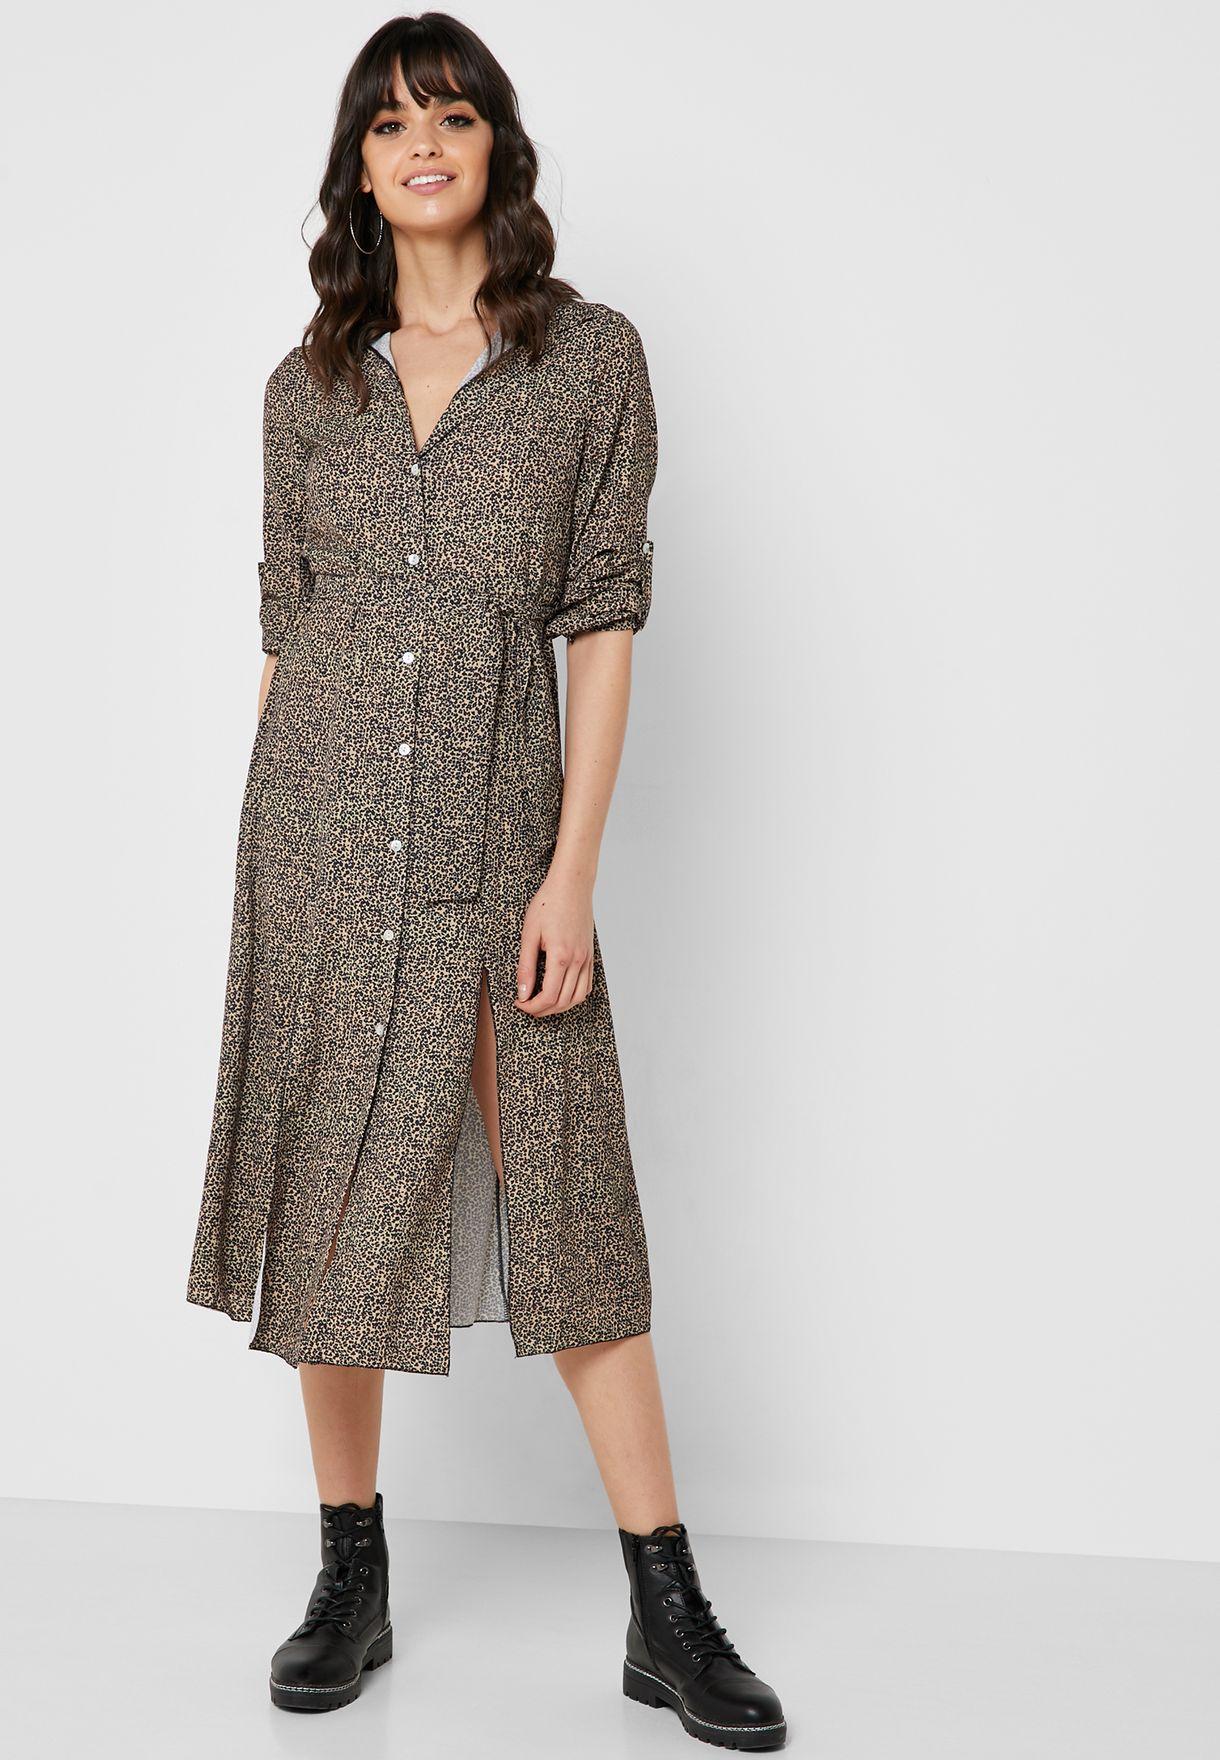 فستان بنمط قميص مع اربطة وطبعات ليوبارد